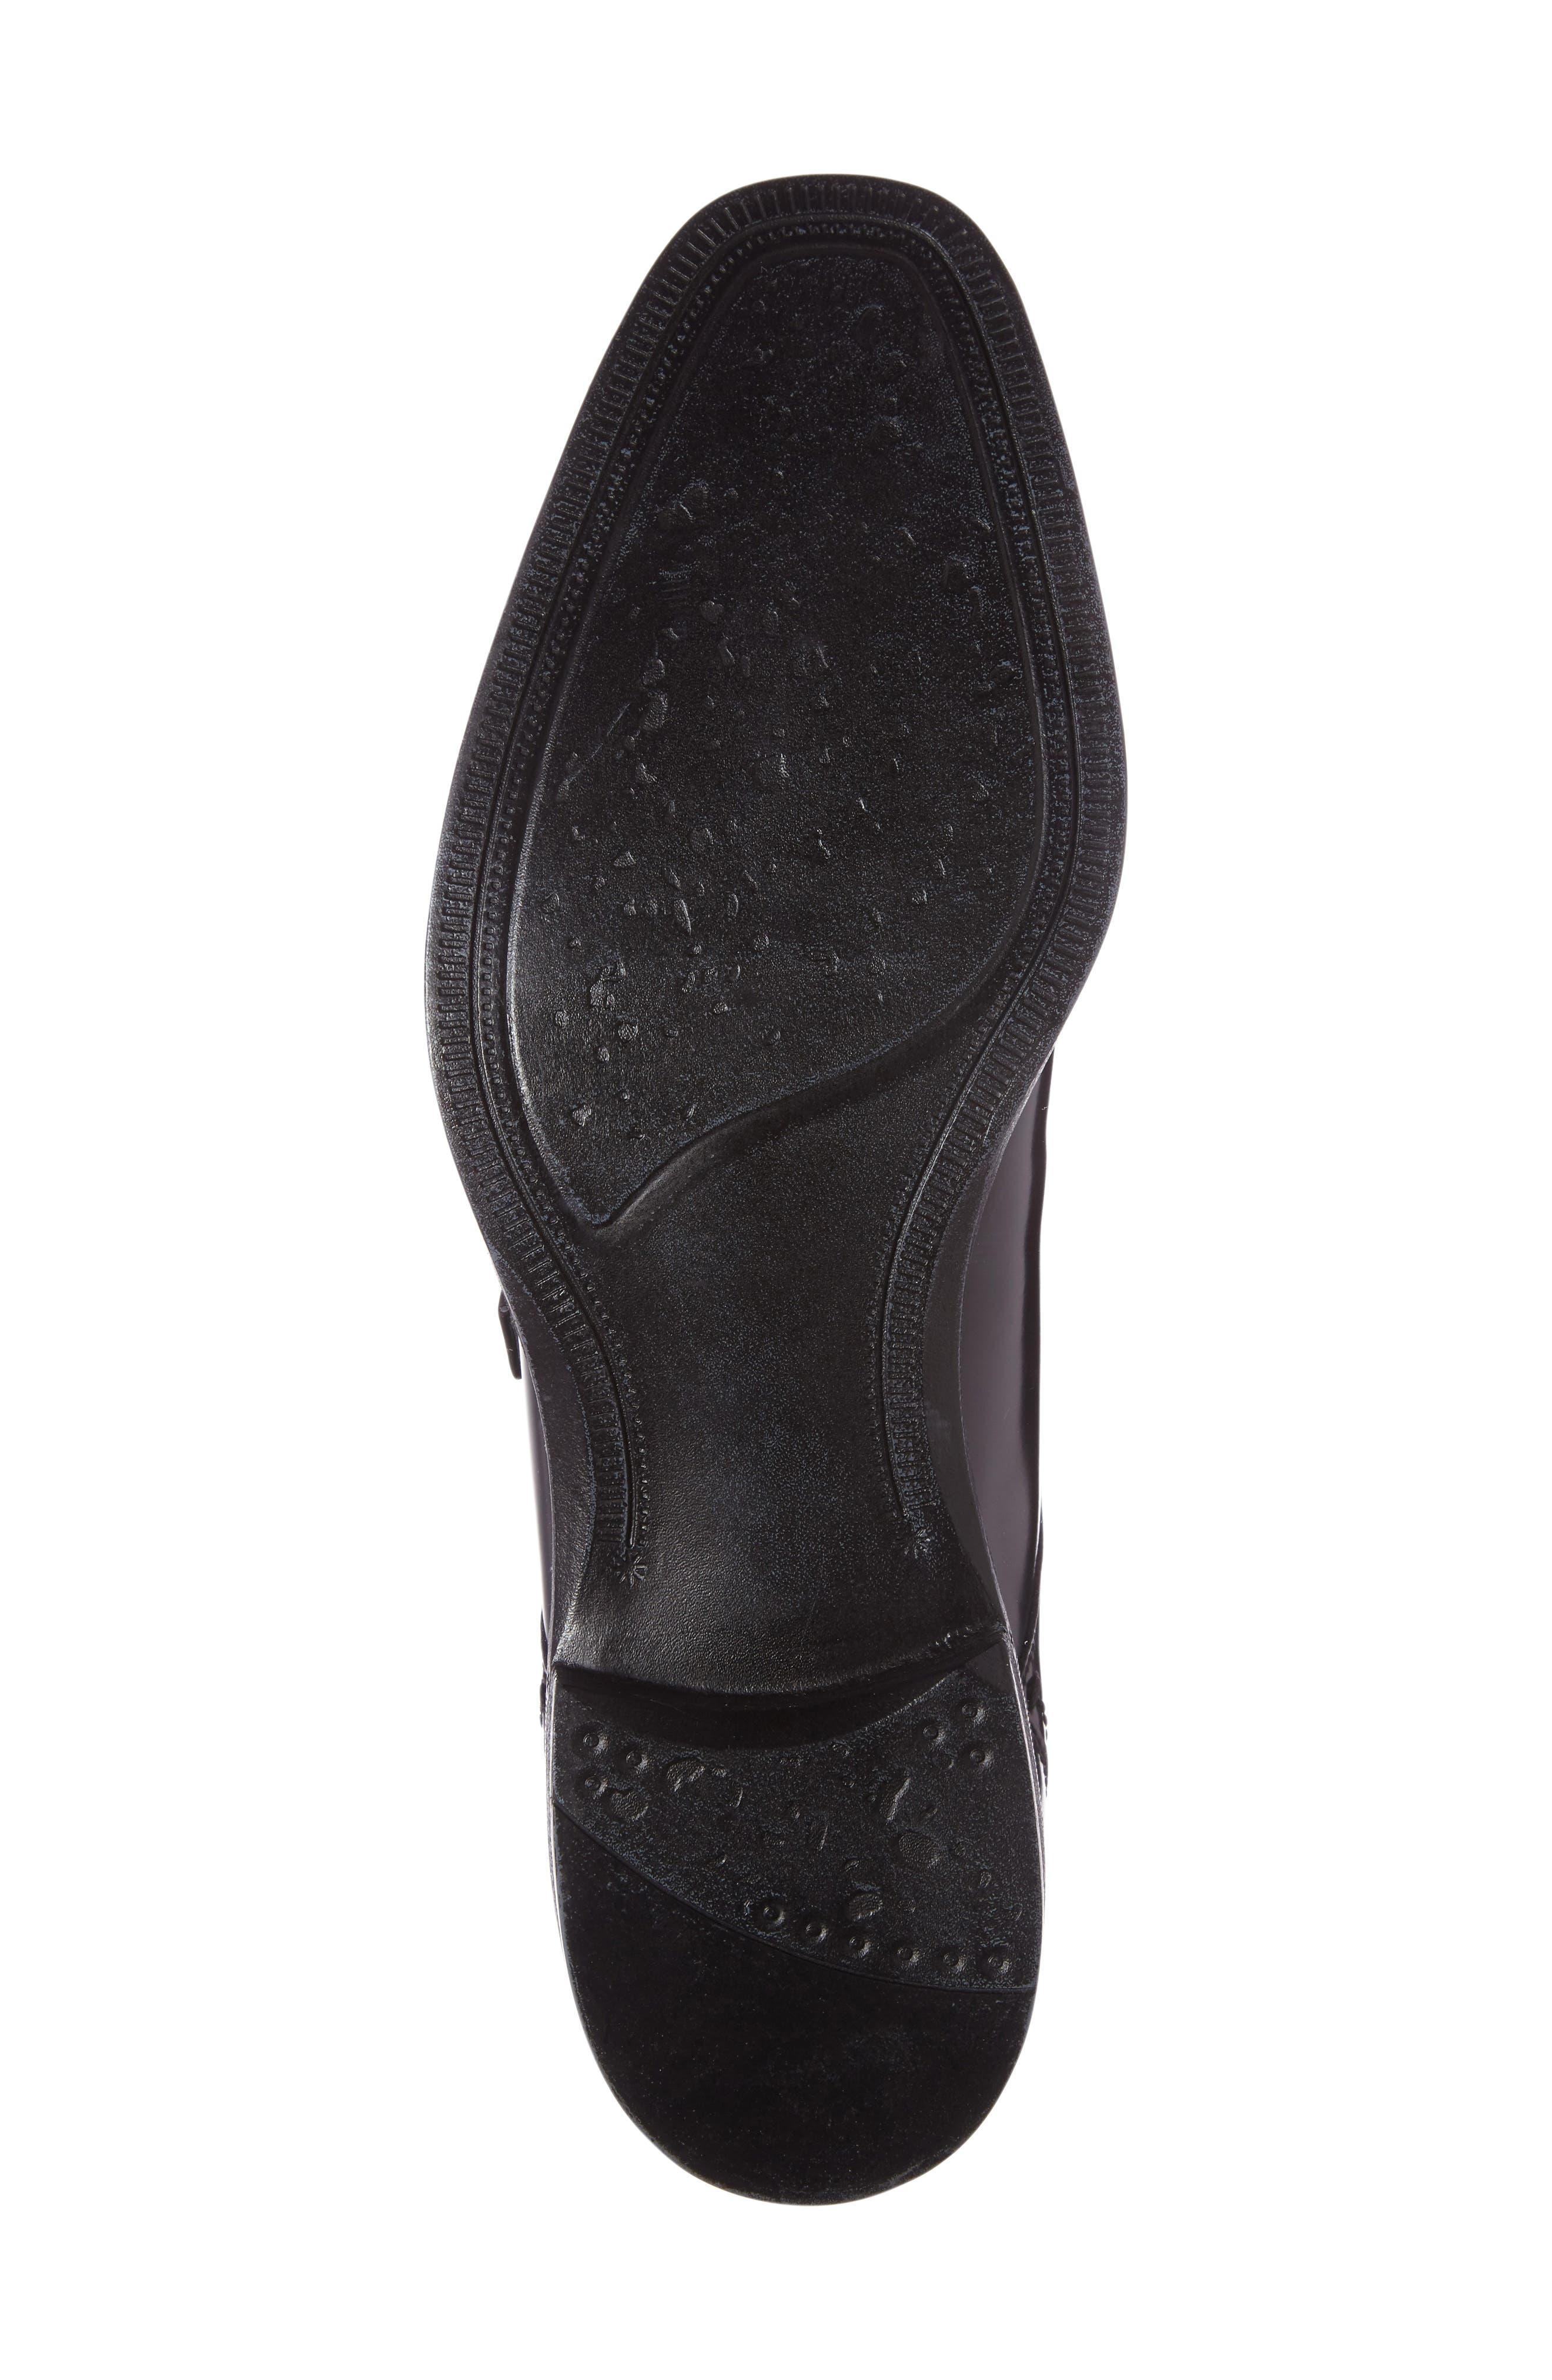 Alternate Image 4  - Reaction Kenneth Cole Left Side Monk Strap Shoe (Men)